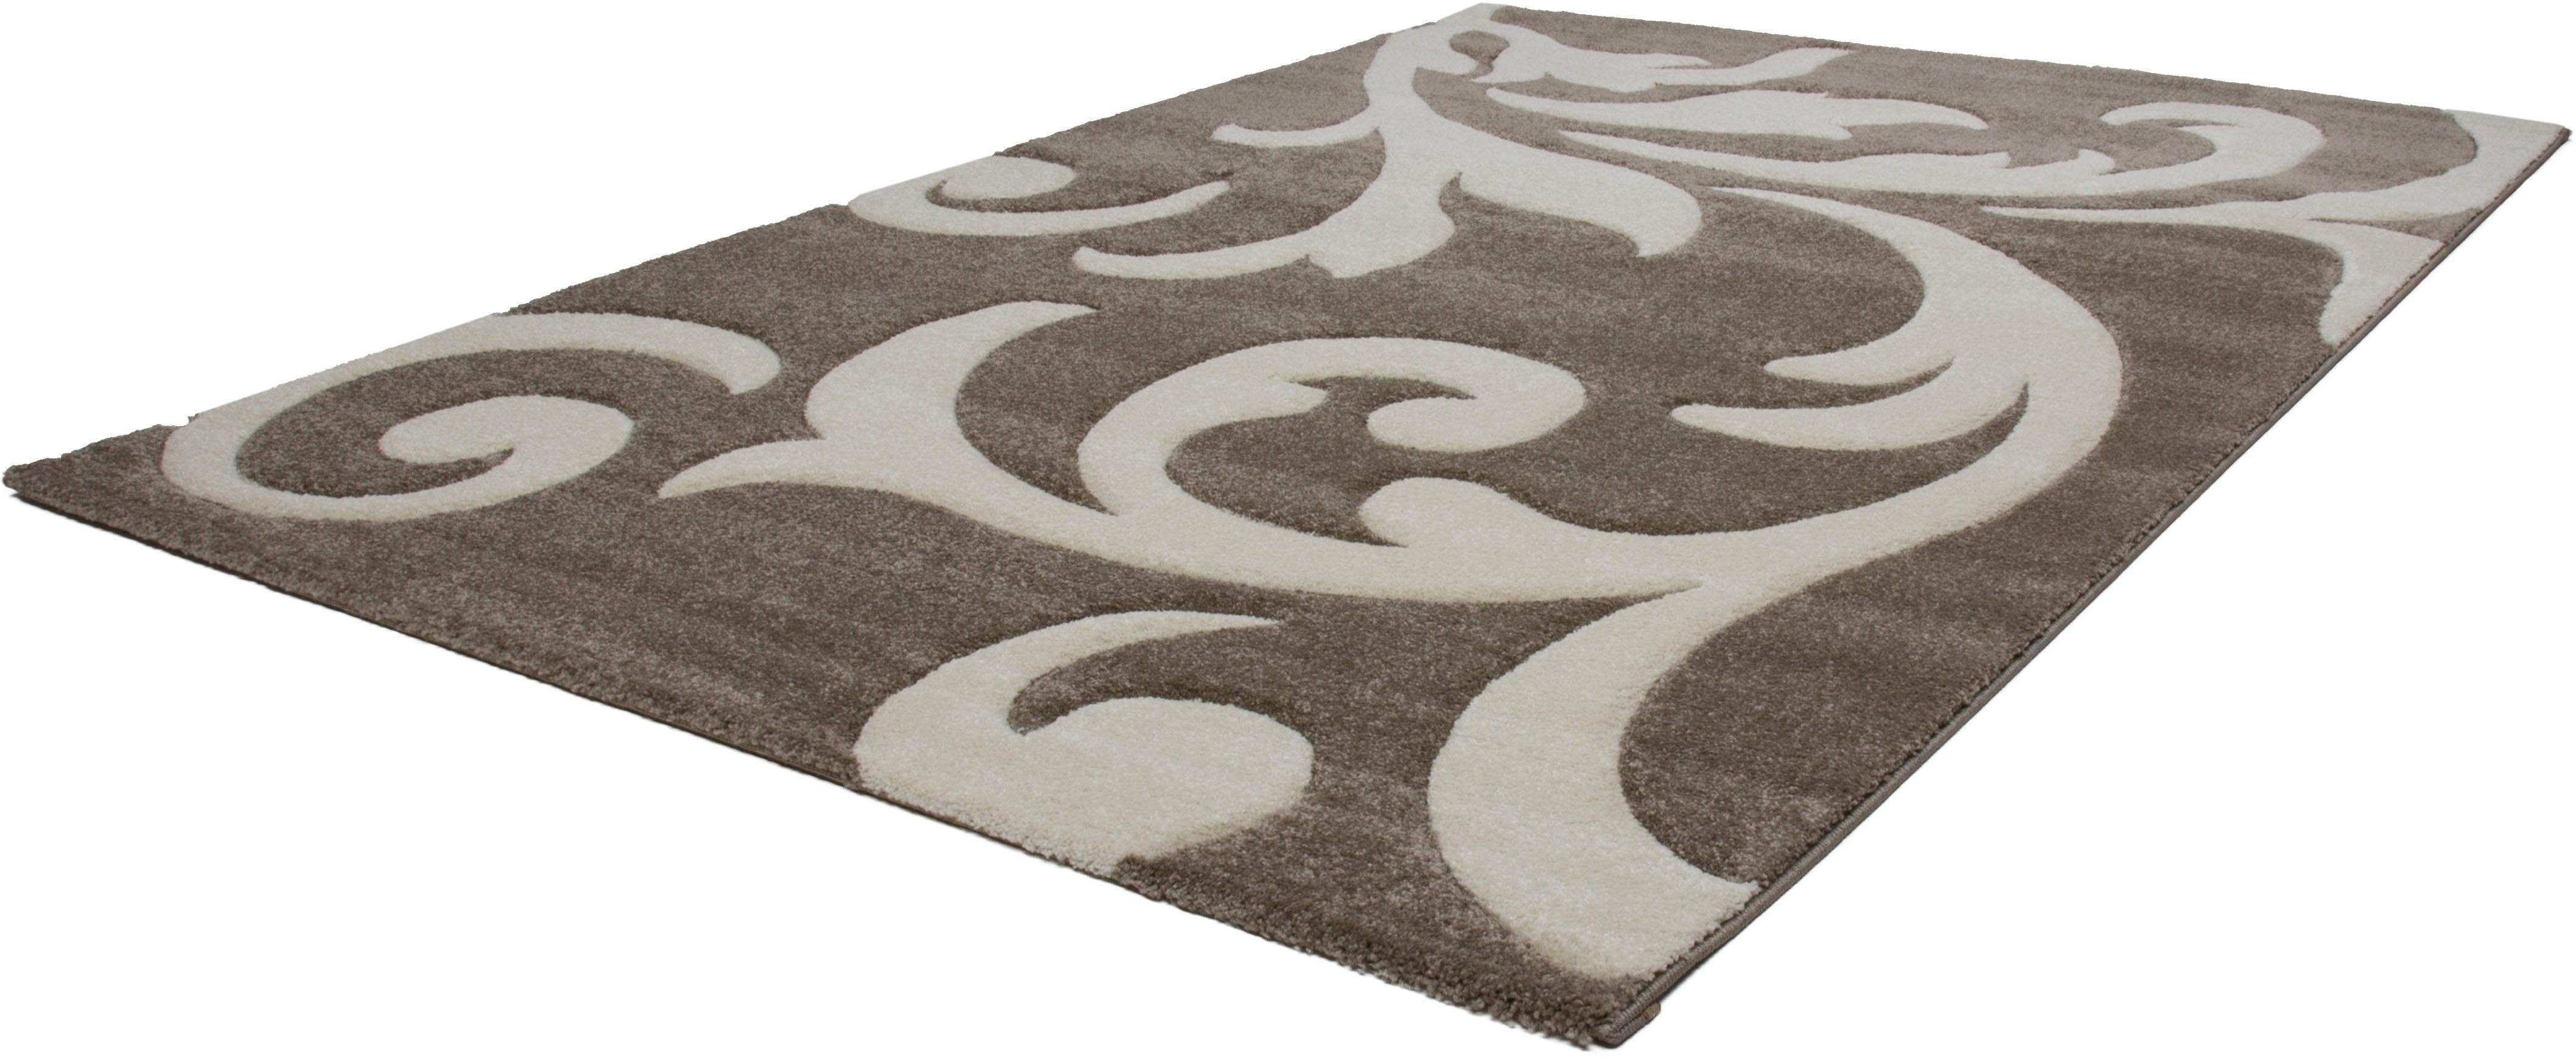 Teppich Alxios 450 calo-deluxe rechteckig Höhe 17 mm maschinell gewebt